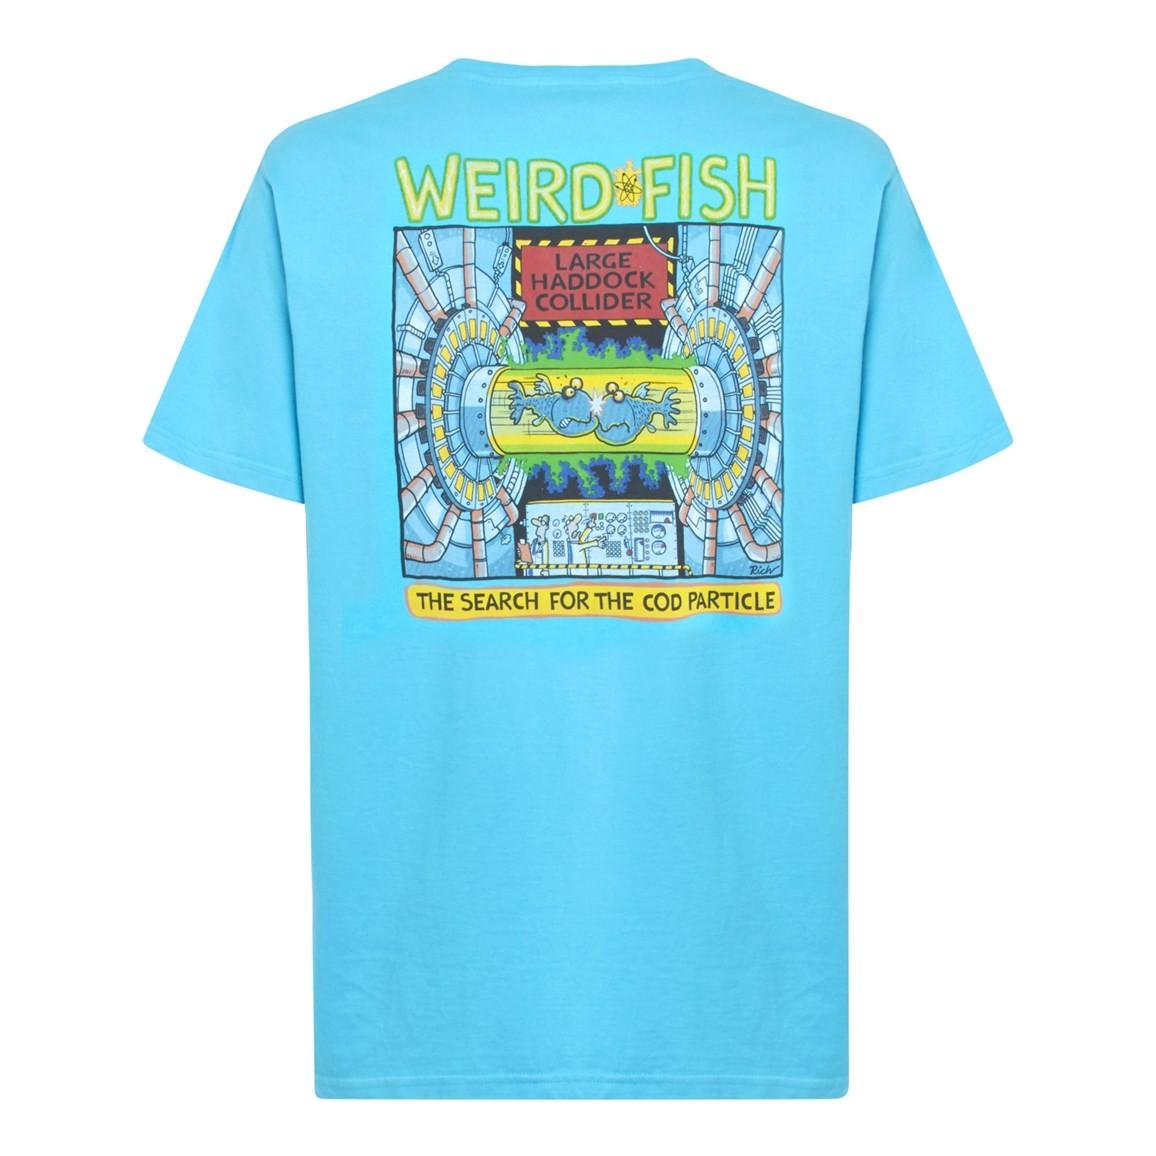 Weird Fish Haddock Collider Back Print Artist T-Shirt Cyan Size 2XL